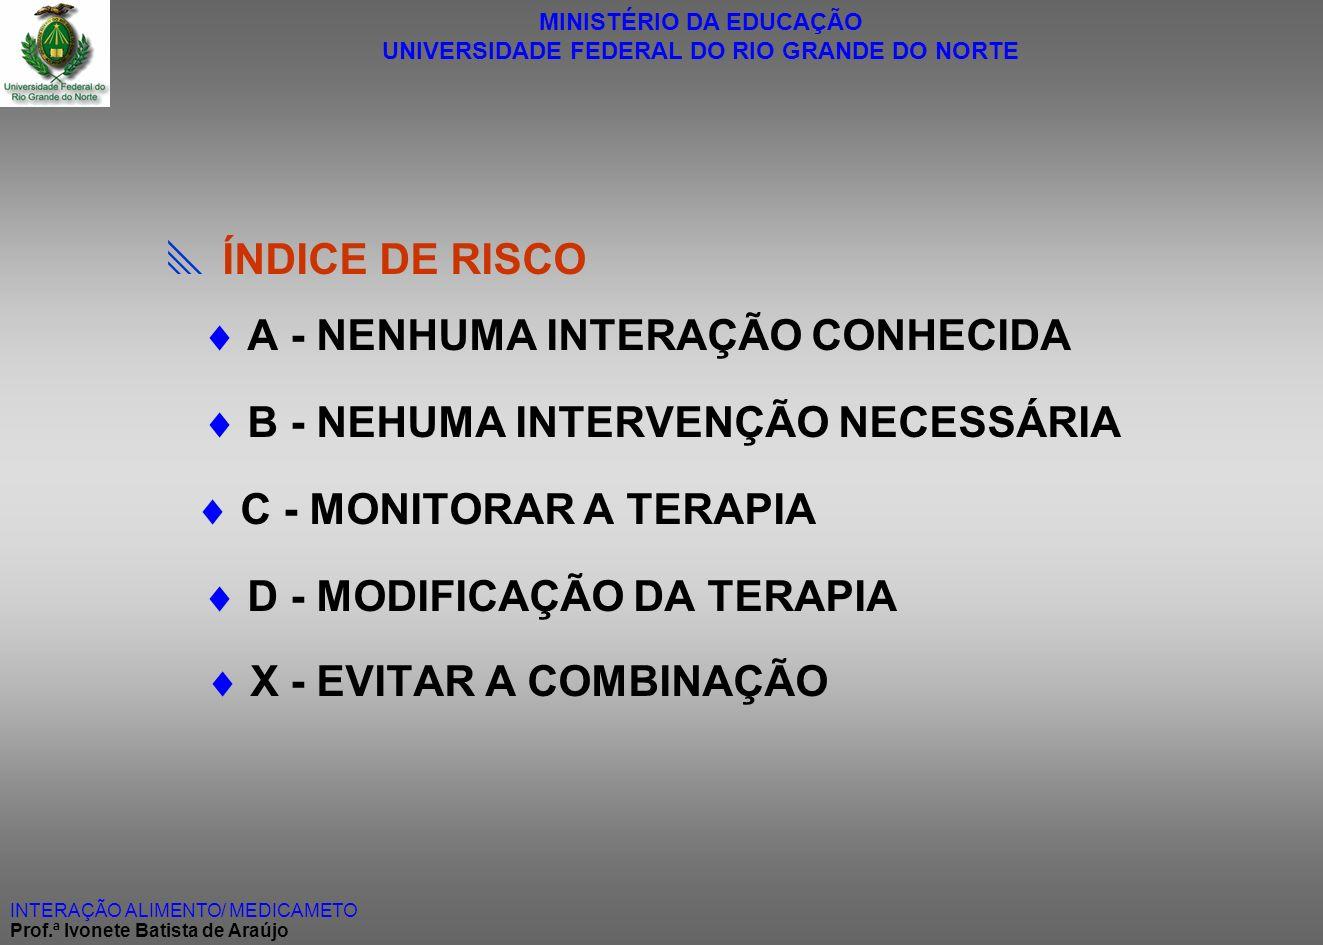 MINISTÉRIO DA EDUCAÇÃO UNIVERSIDADE FEDERAL DO RIO GRANDE DO NORTE INTERAÇÃO ALIMENTO/ MEDICAMETO Prof.ª Ivonete Batista de Araújo ÍNDICE DE RISCO A -